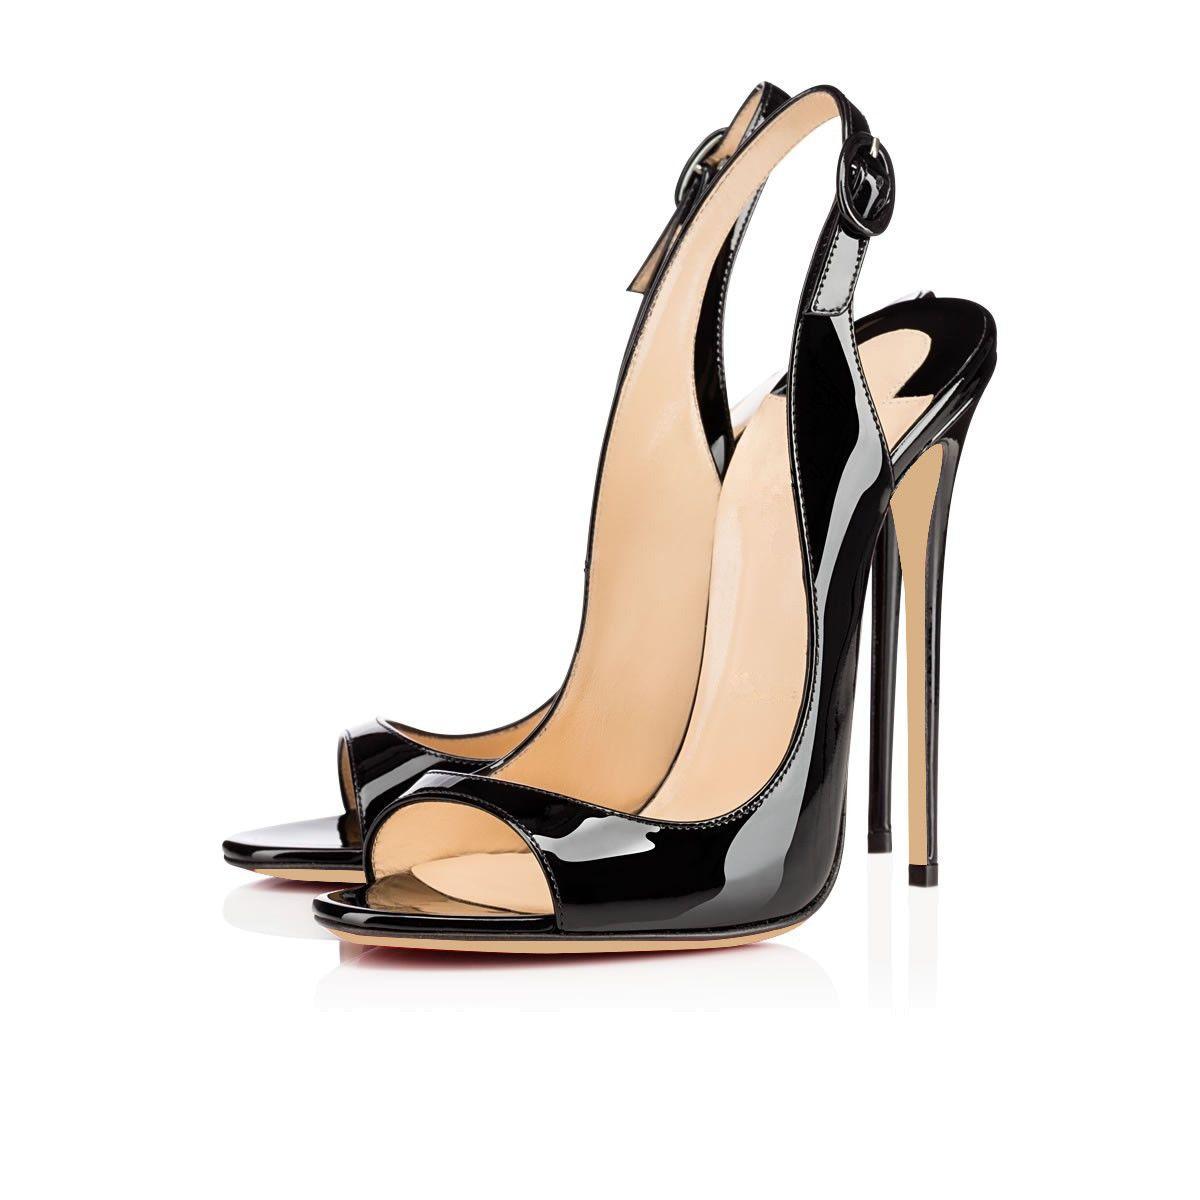 Karmran handmade new sexy moda feminina bissima 120mm dedo do pé aberto slingback sandálias de salto alto sapatos de festa de escritório de moda noite sandálias